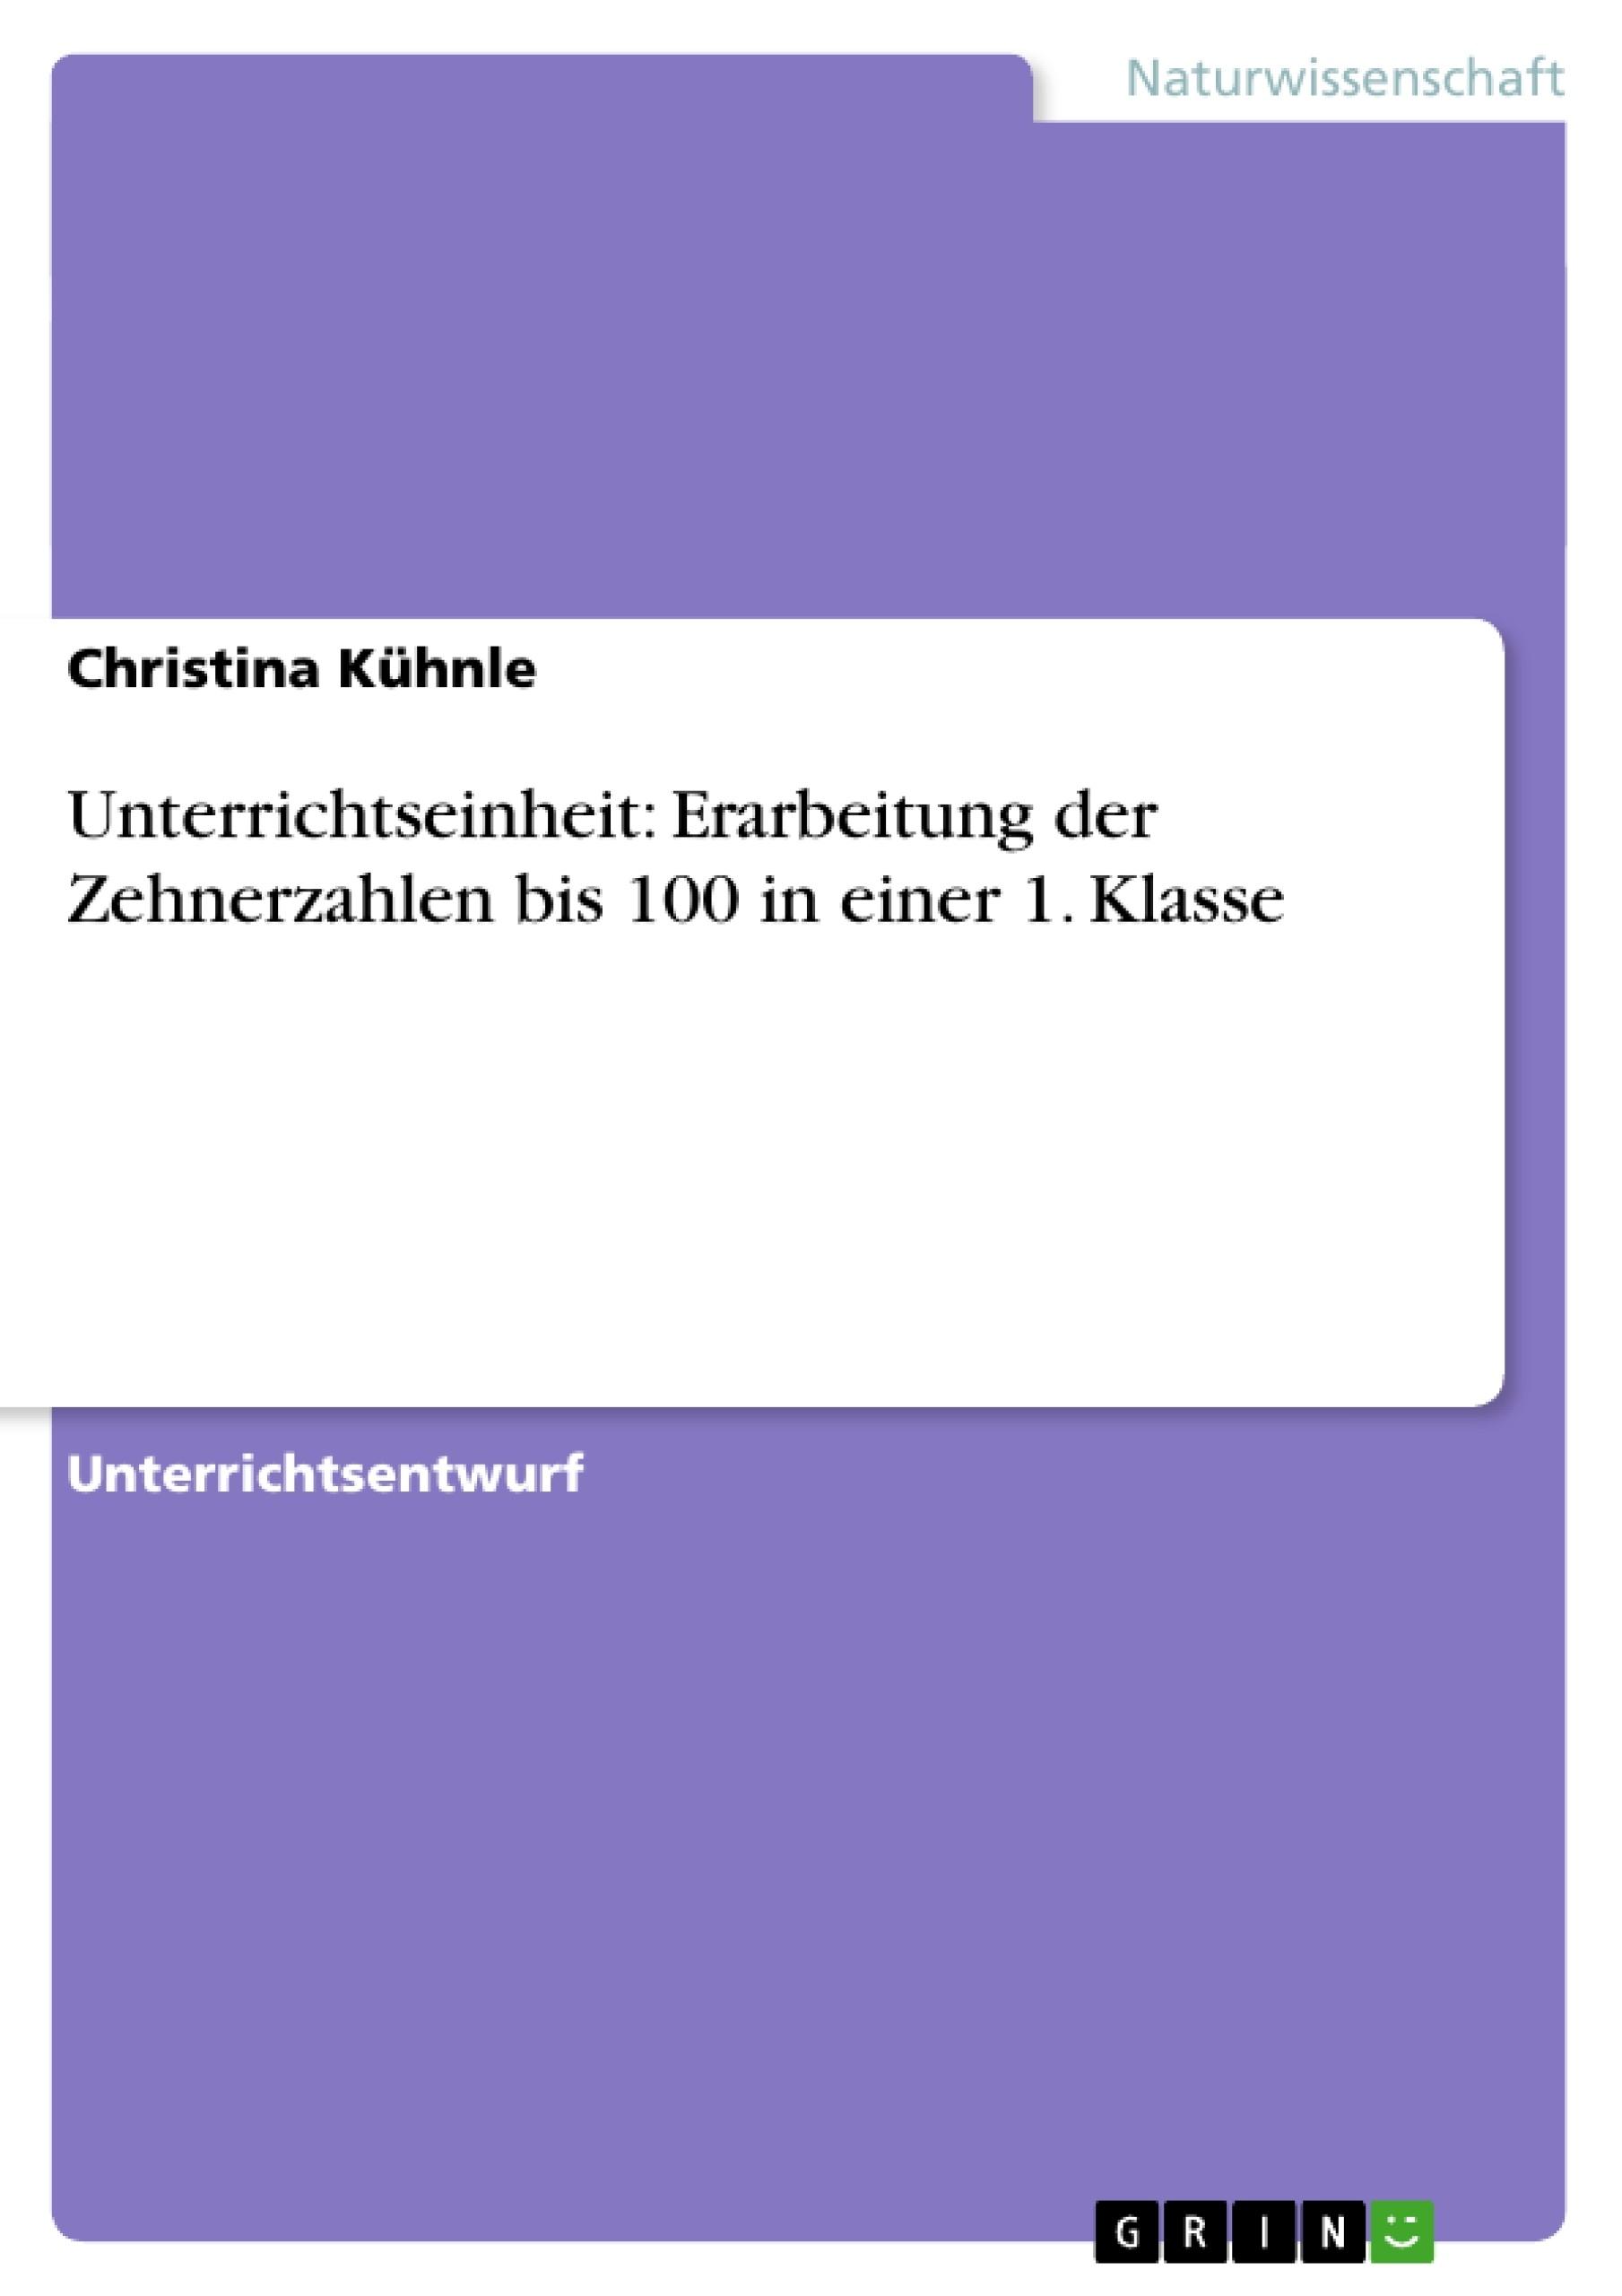 Titel: Unterrichtseinheit: Erarbeitung der Zehnerzahlen bis 100 in einer 1. Klasse